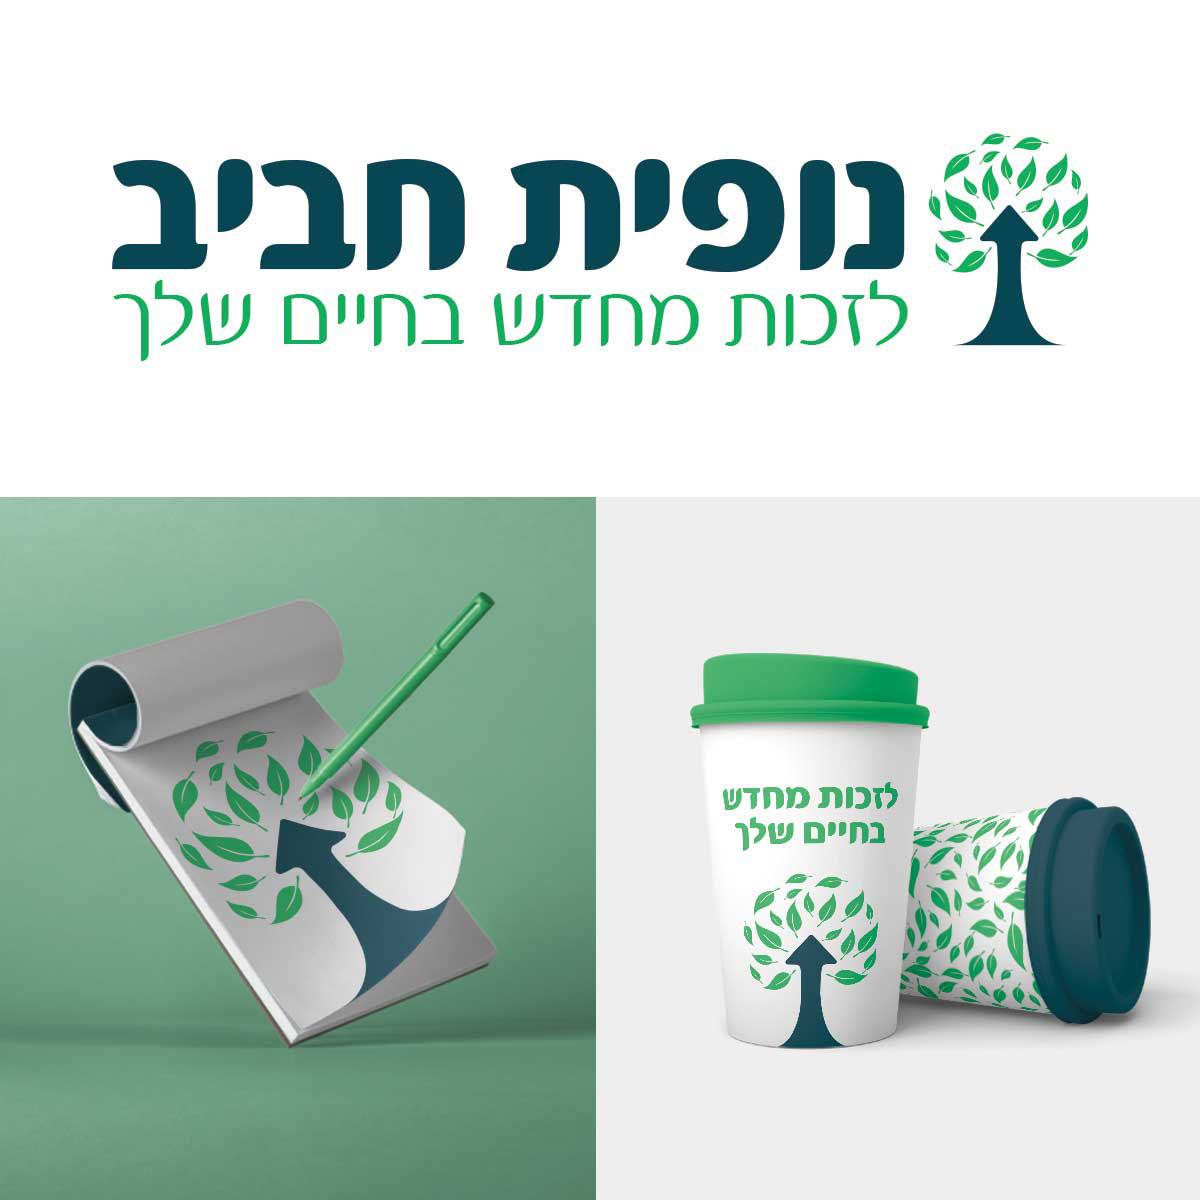 2מואקאפ-לוגו